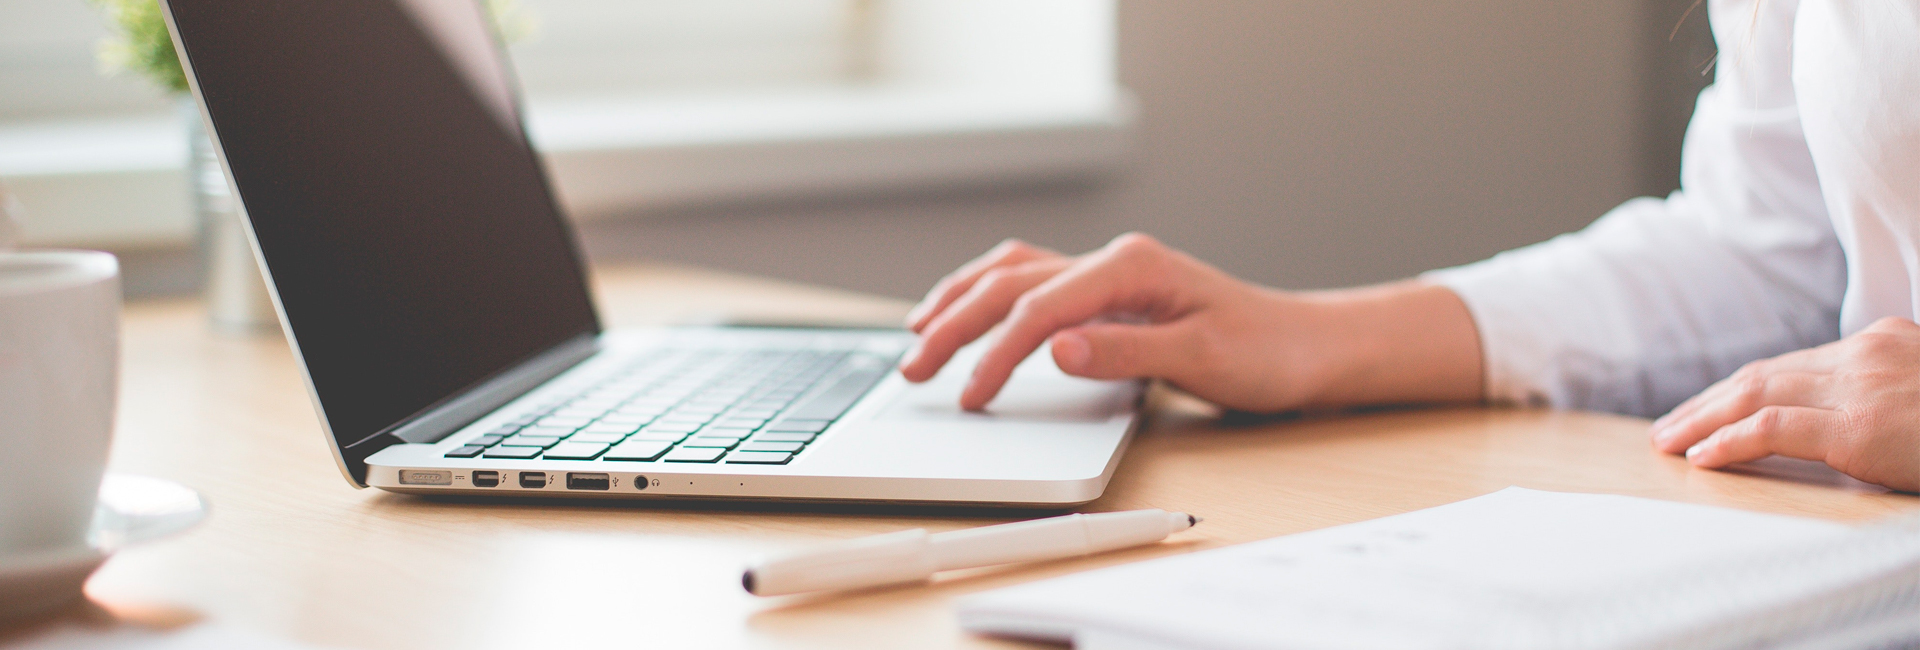 Kauluspaitainen henkilö käyttää kannettavaa tietokonetta